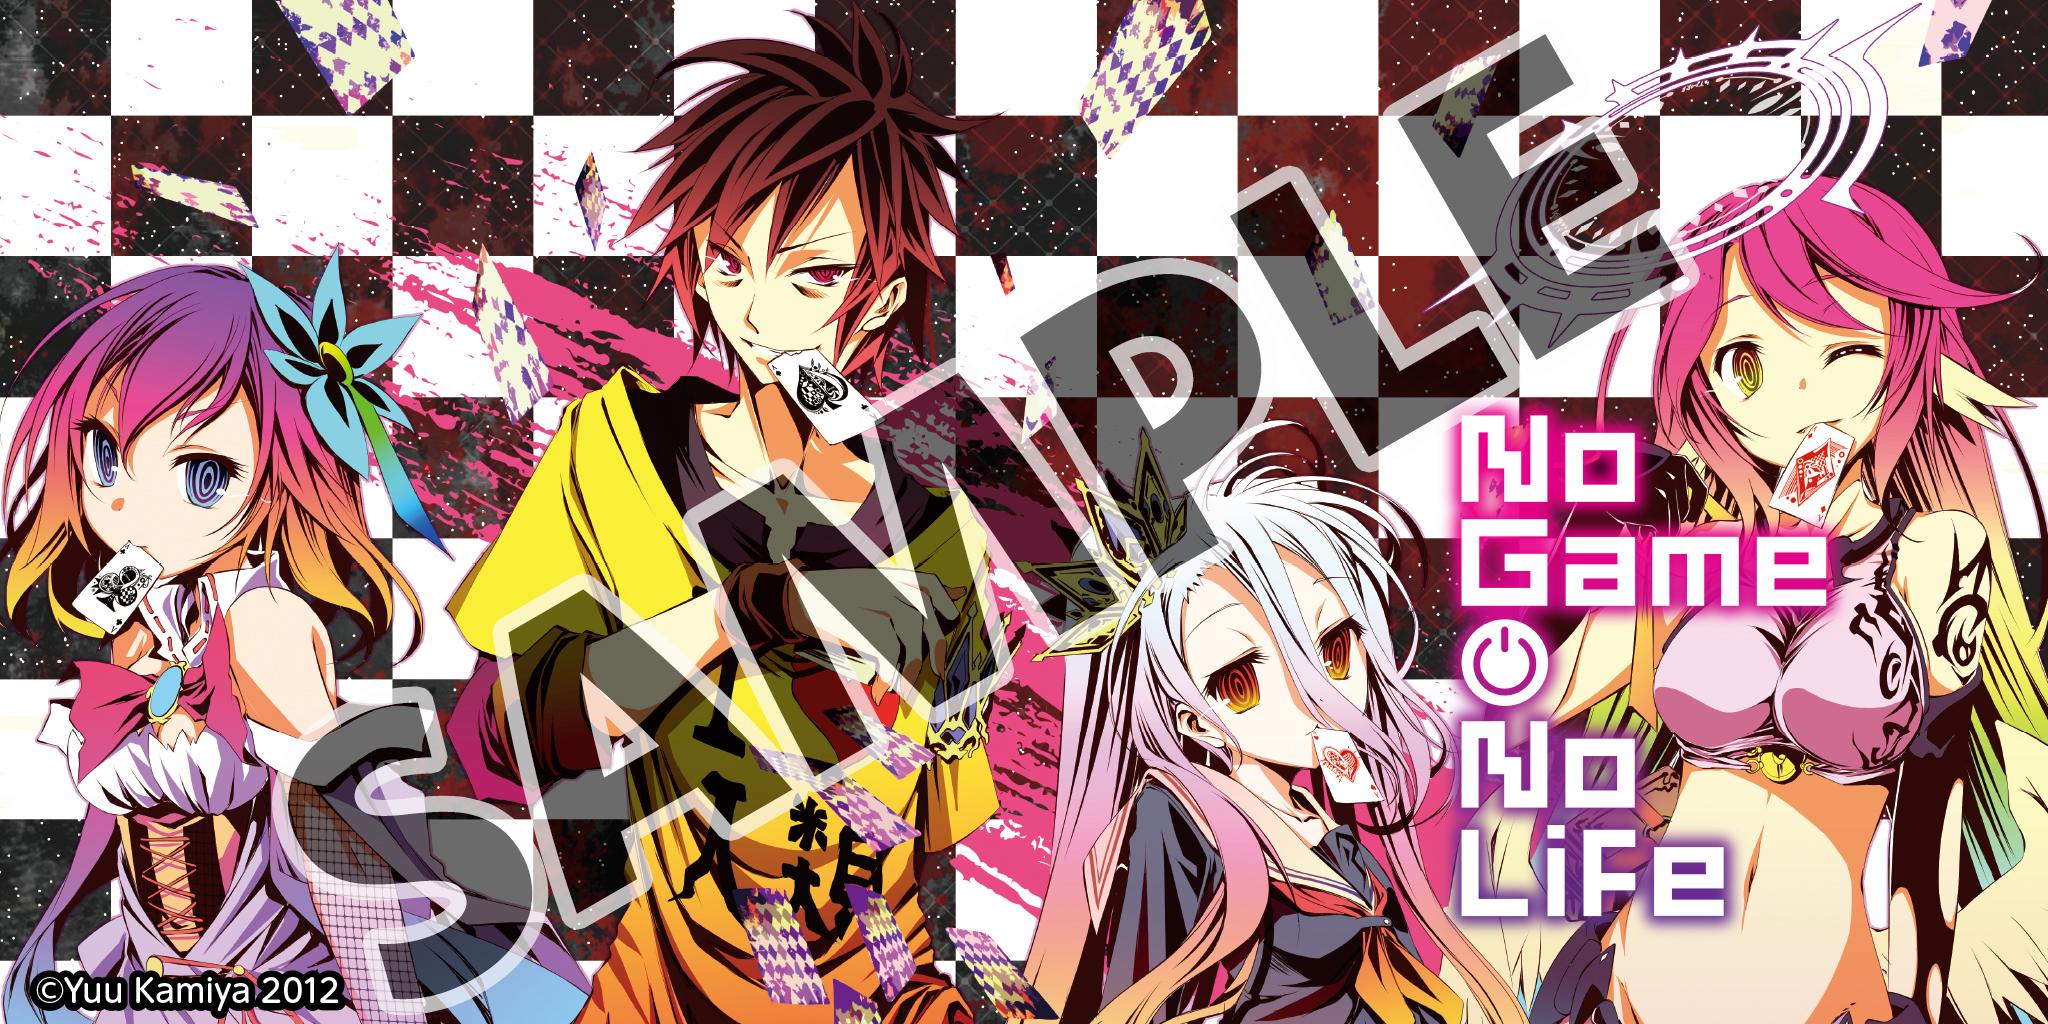 """""""No Game No Life, Vol. 1"""" (Light Novel) Bookshelf Cover Image"""